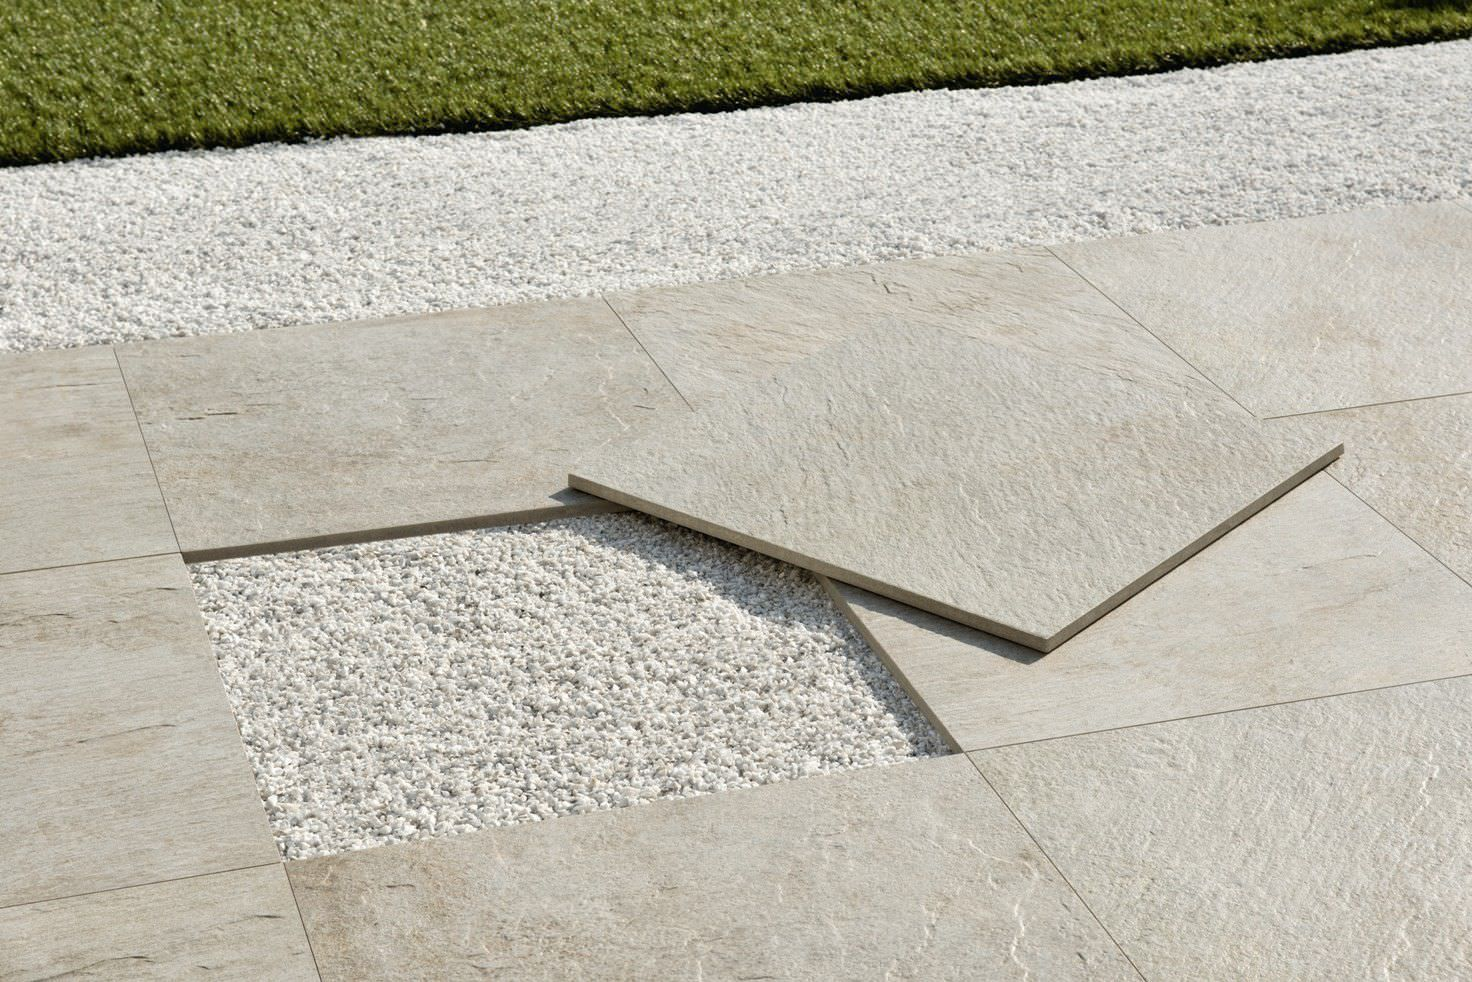 Baldosa pavimento exterior gres porcelanico antideslizante - Pavimentos para exteriores ...